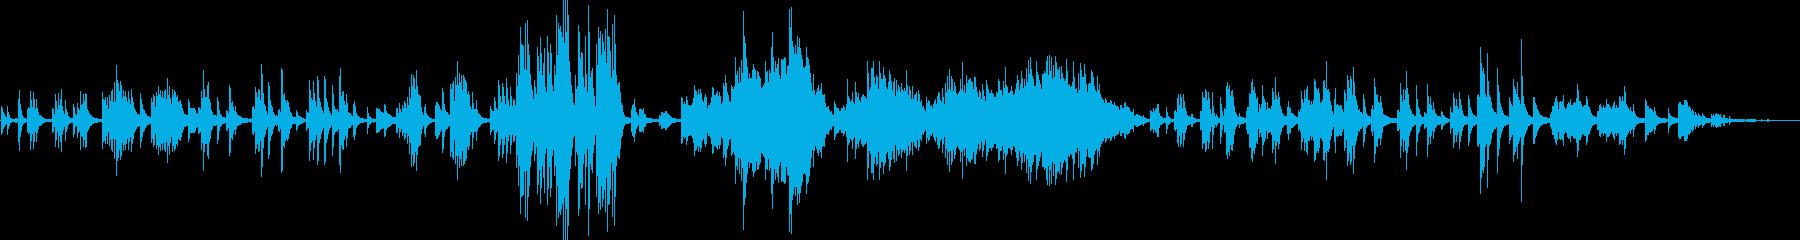 ドビュッシーの人気曲、月の光です。の再生済みの波形